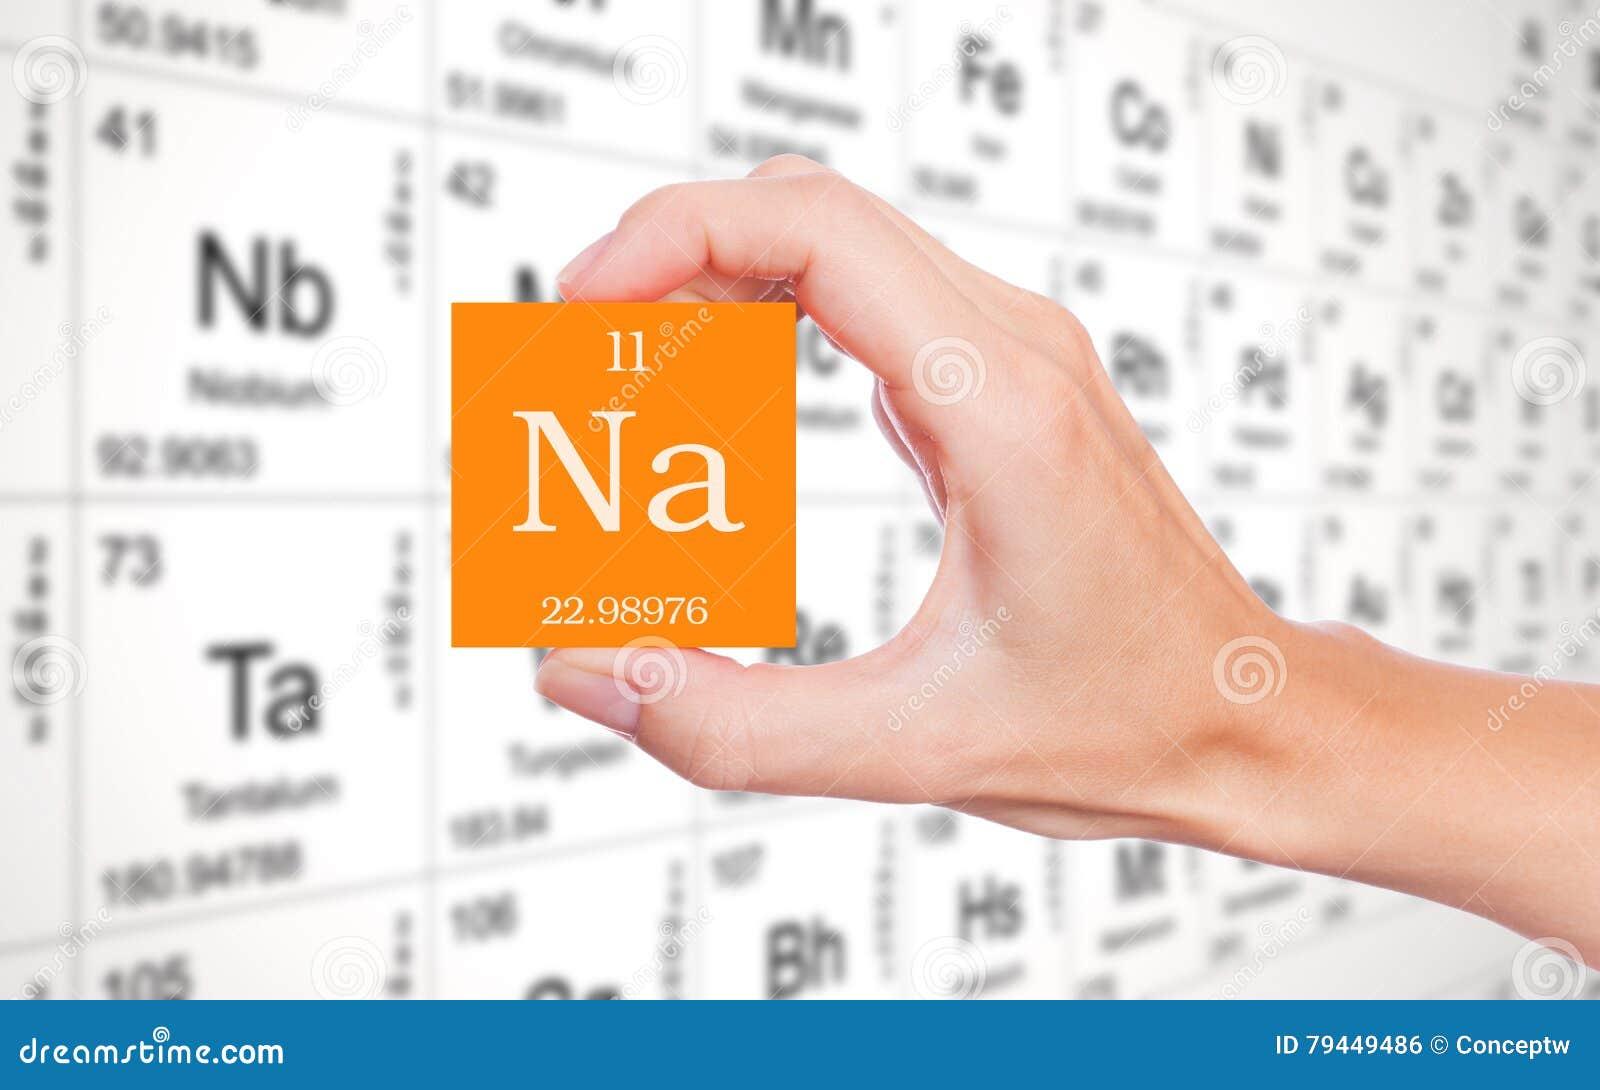 natrium comp